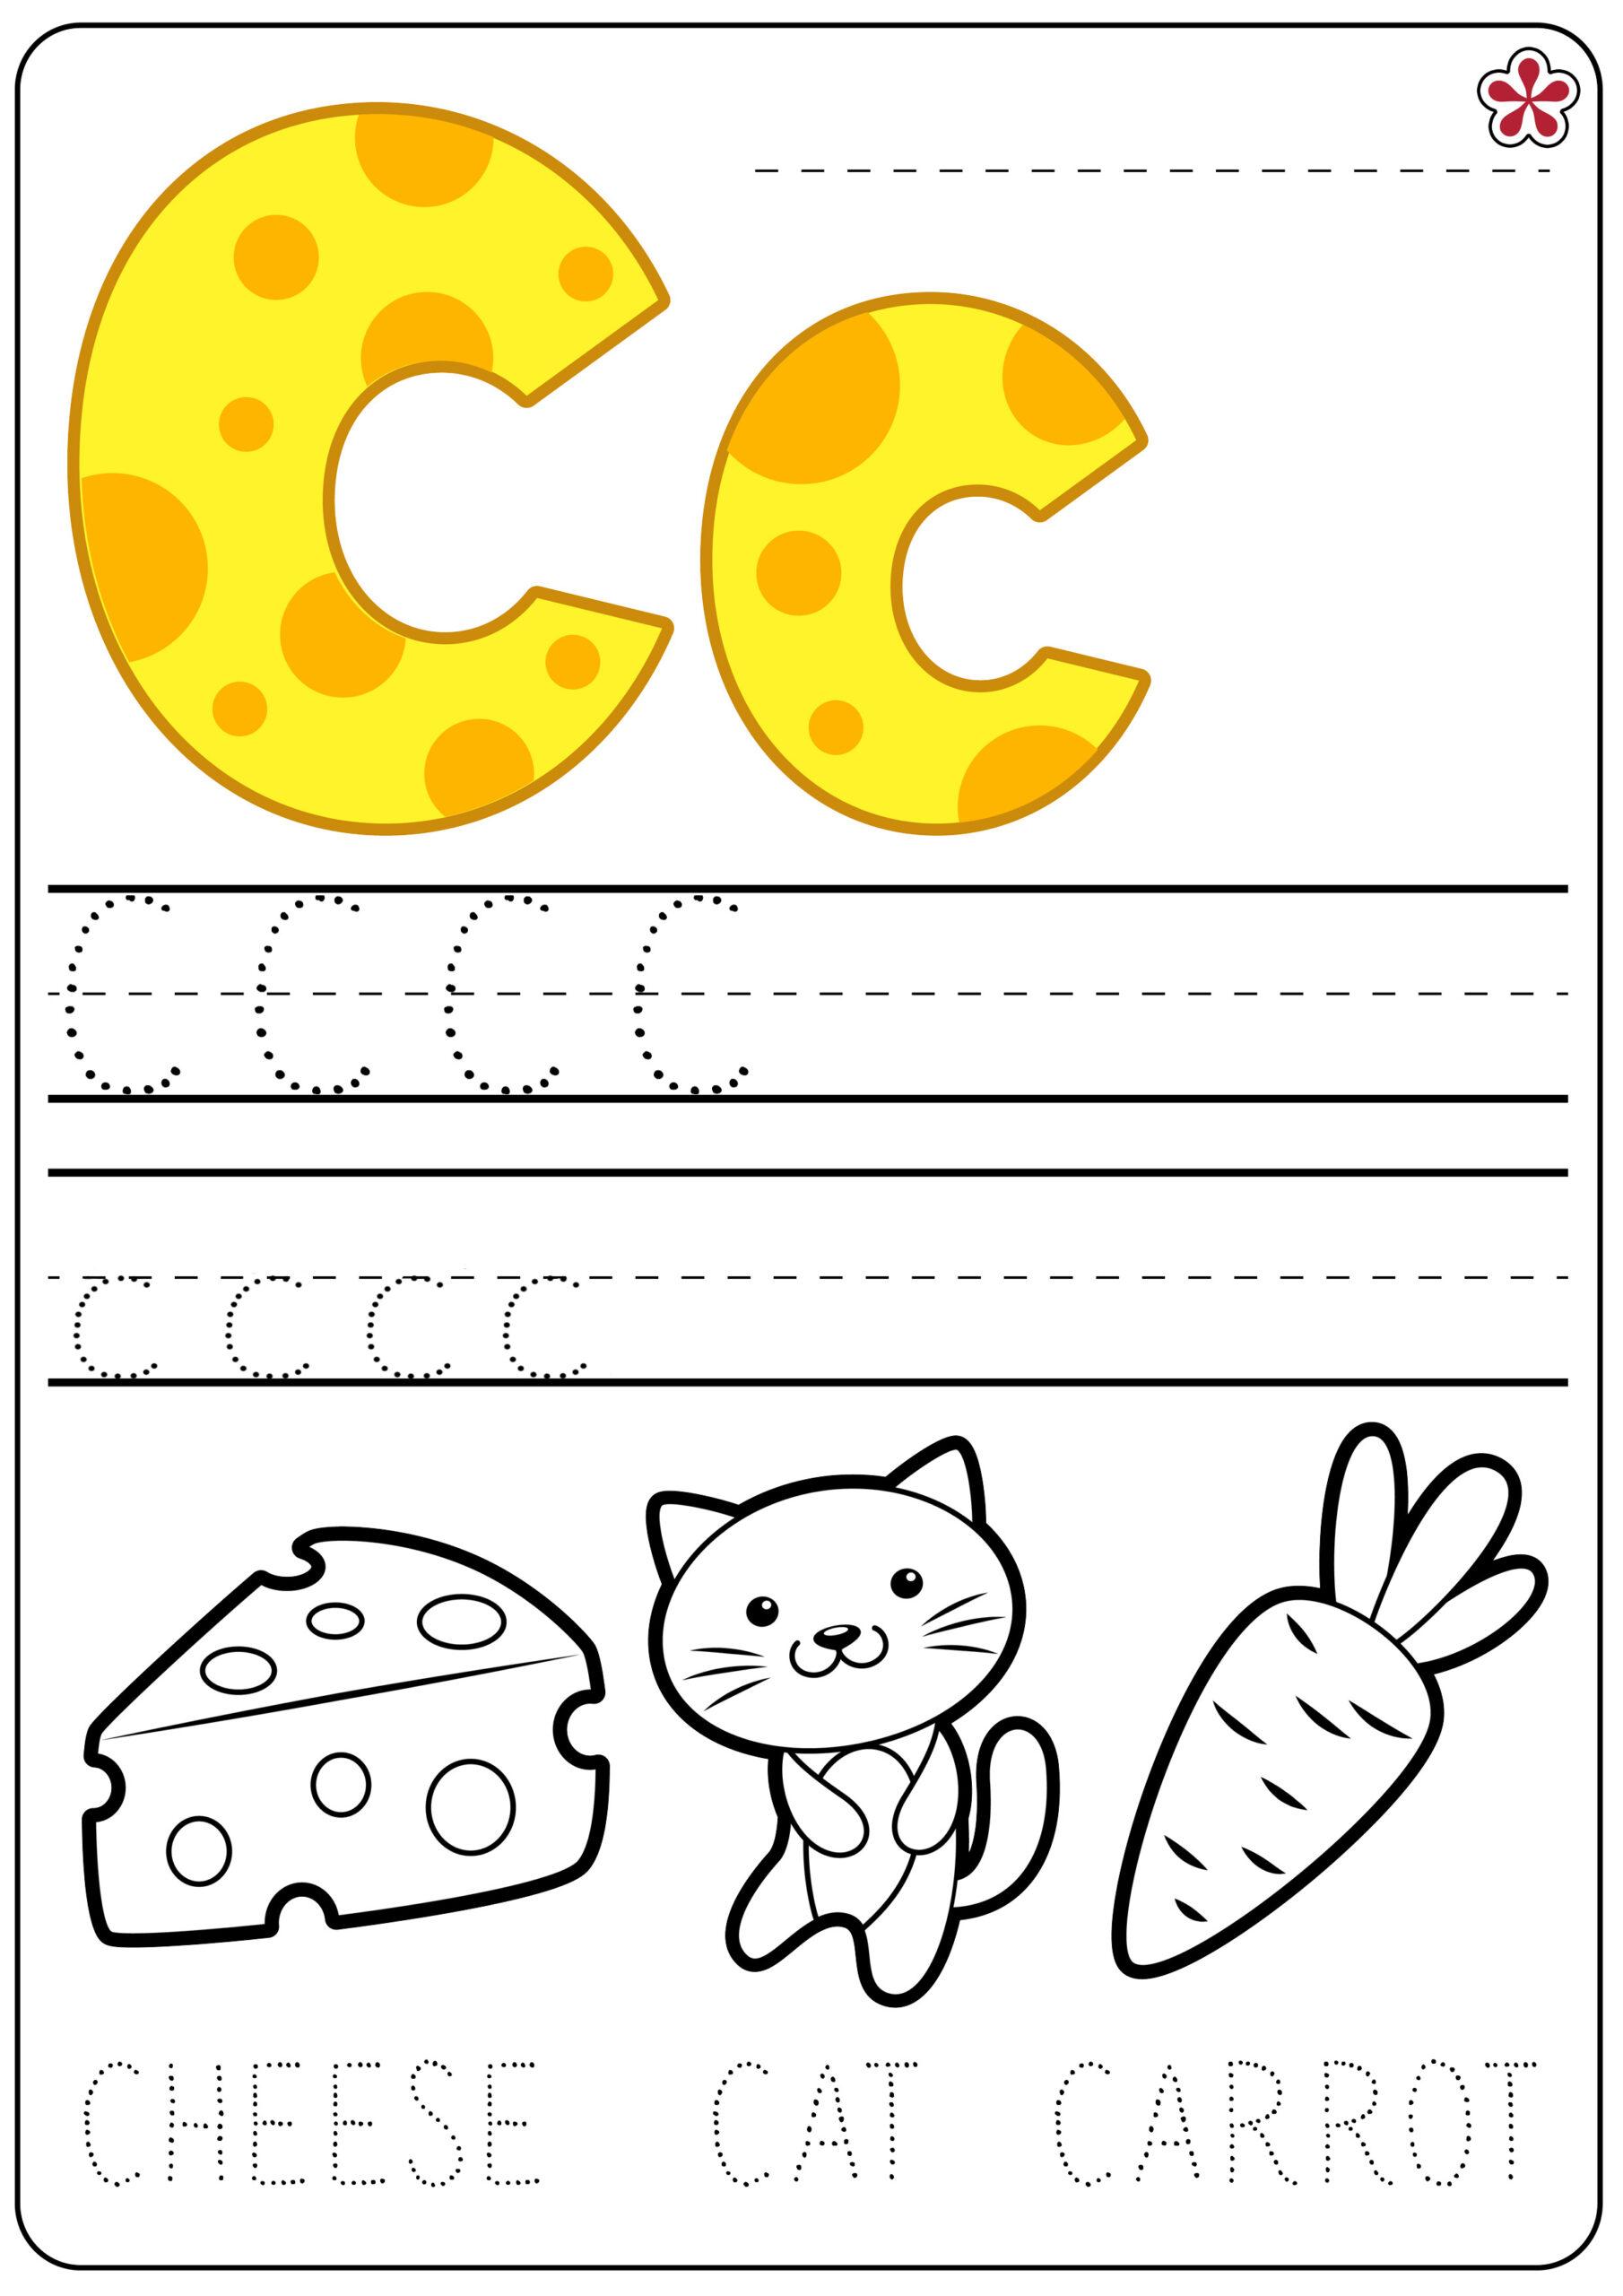 Letter C Worksheets. Teachersmag throughout Letter C Worksheets Tracing